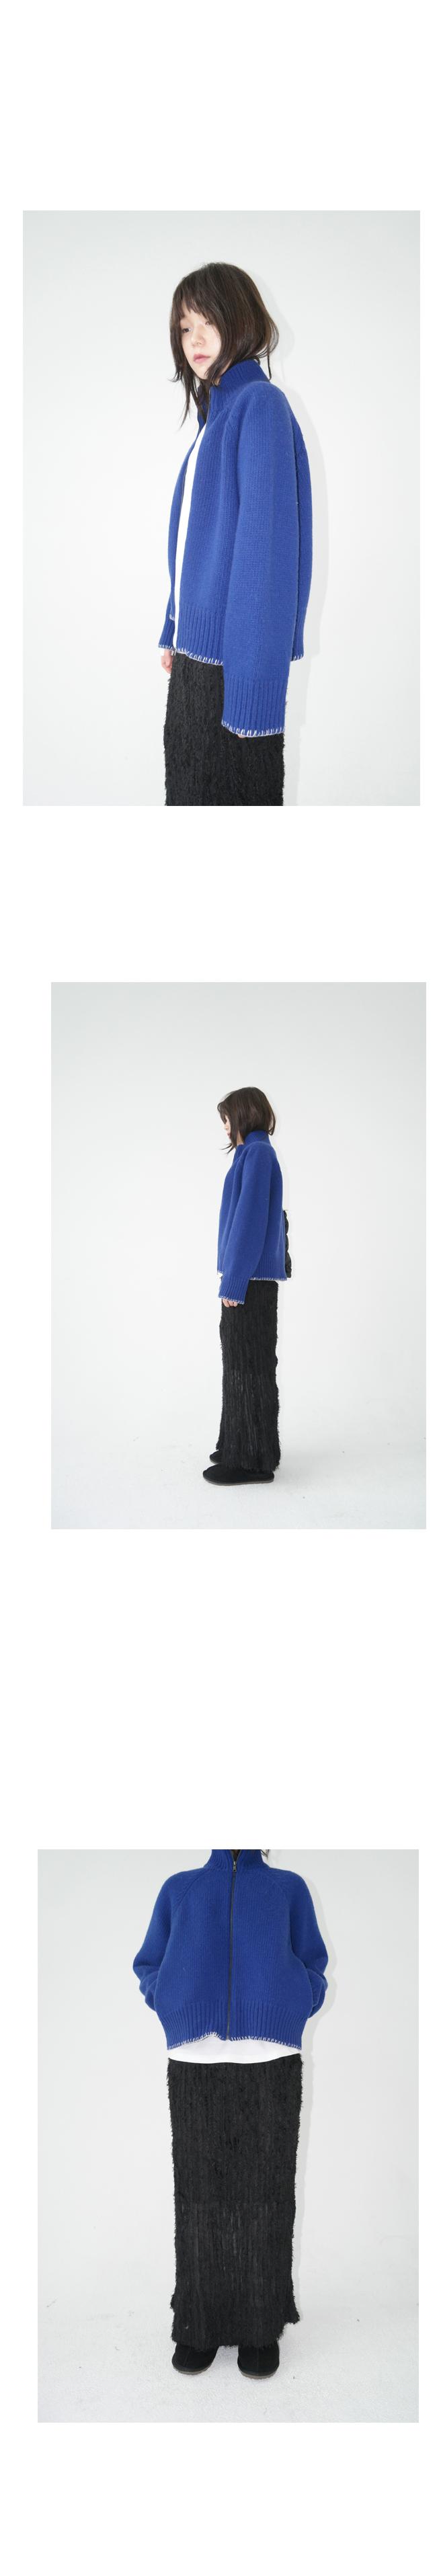 furry stripe long skirt